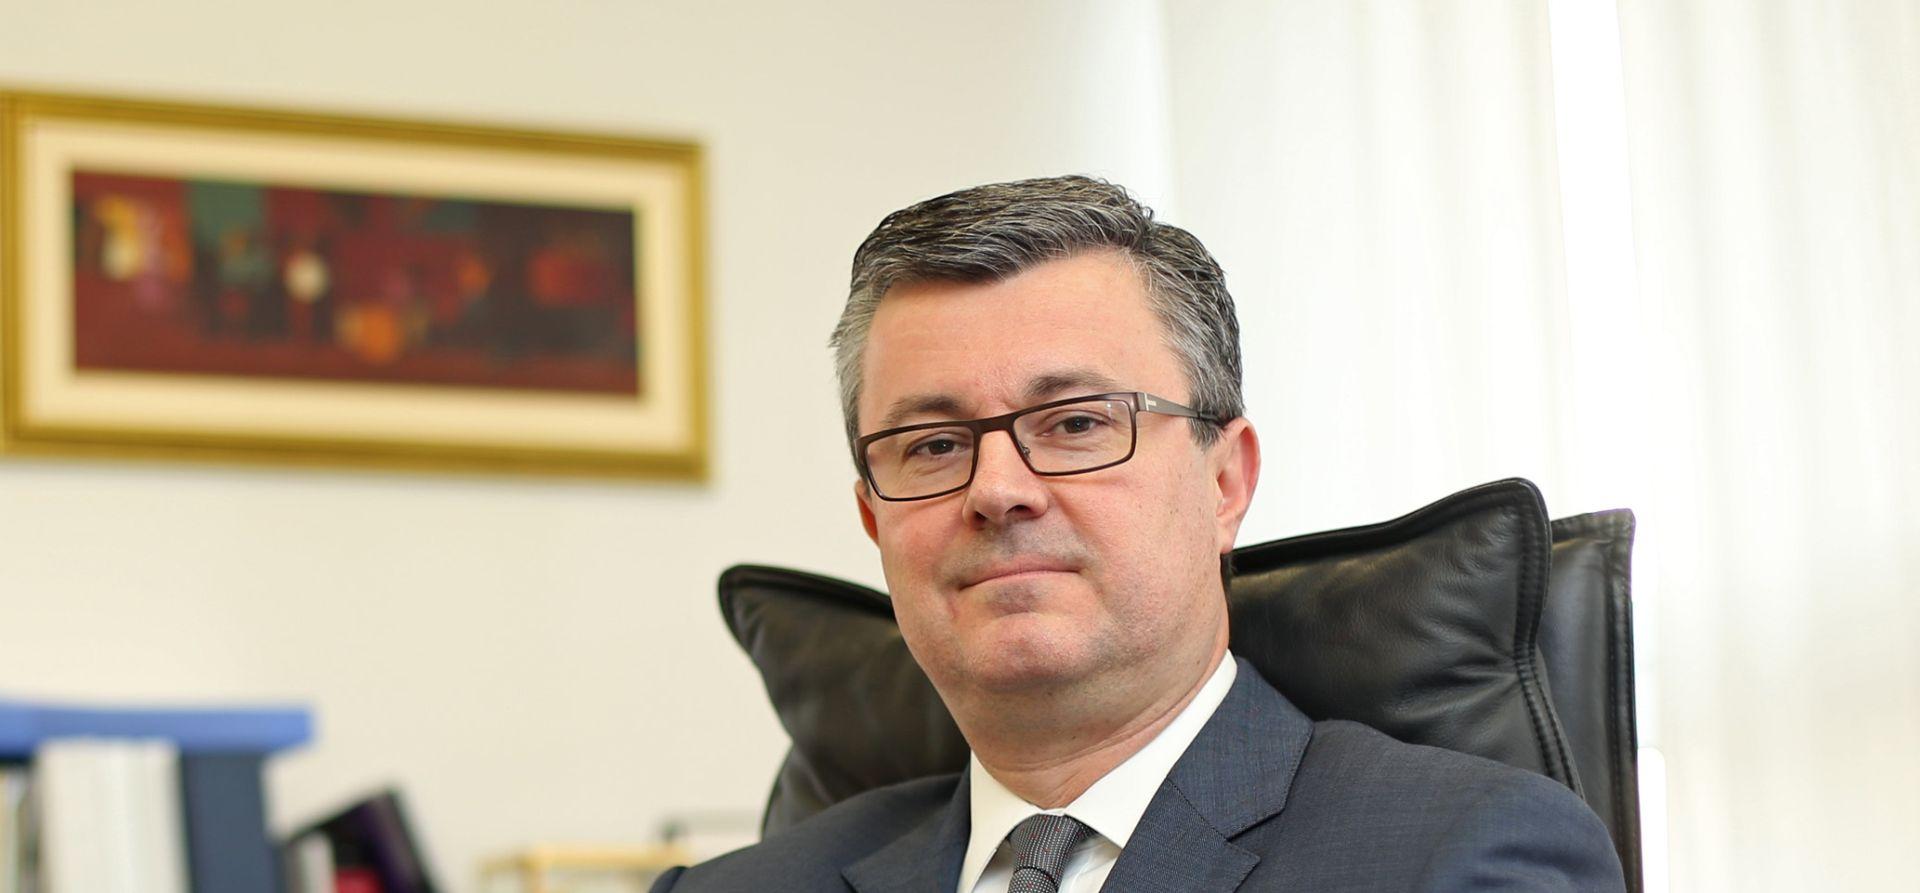 Orešković, Karamarko i Boras istaknuli važnost školovanja kadrova potrebnih gospodarstvu